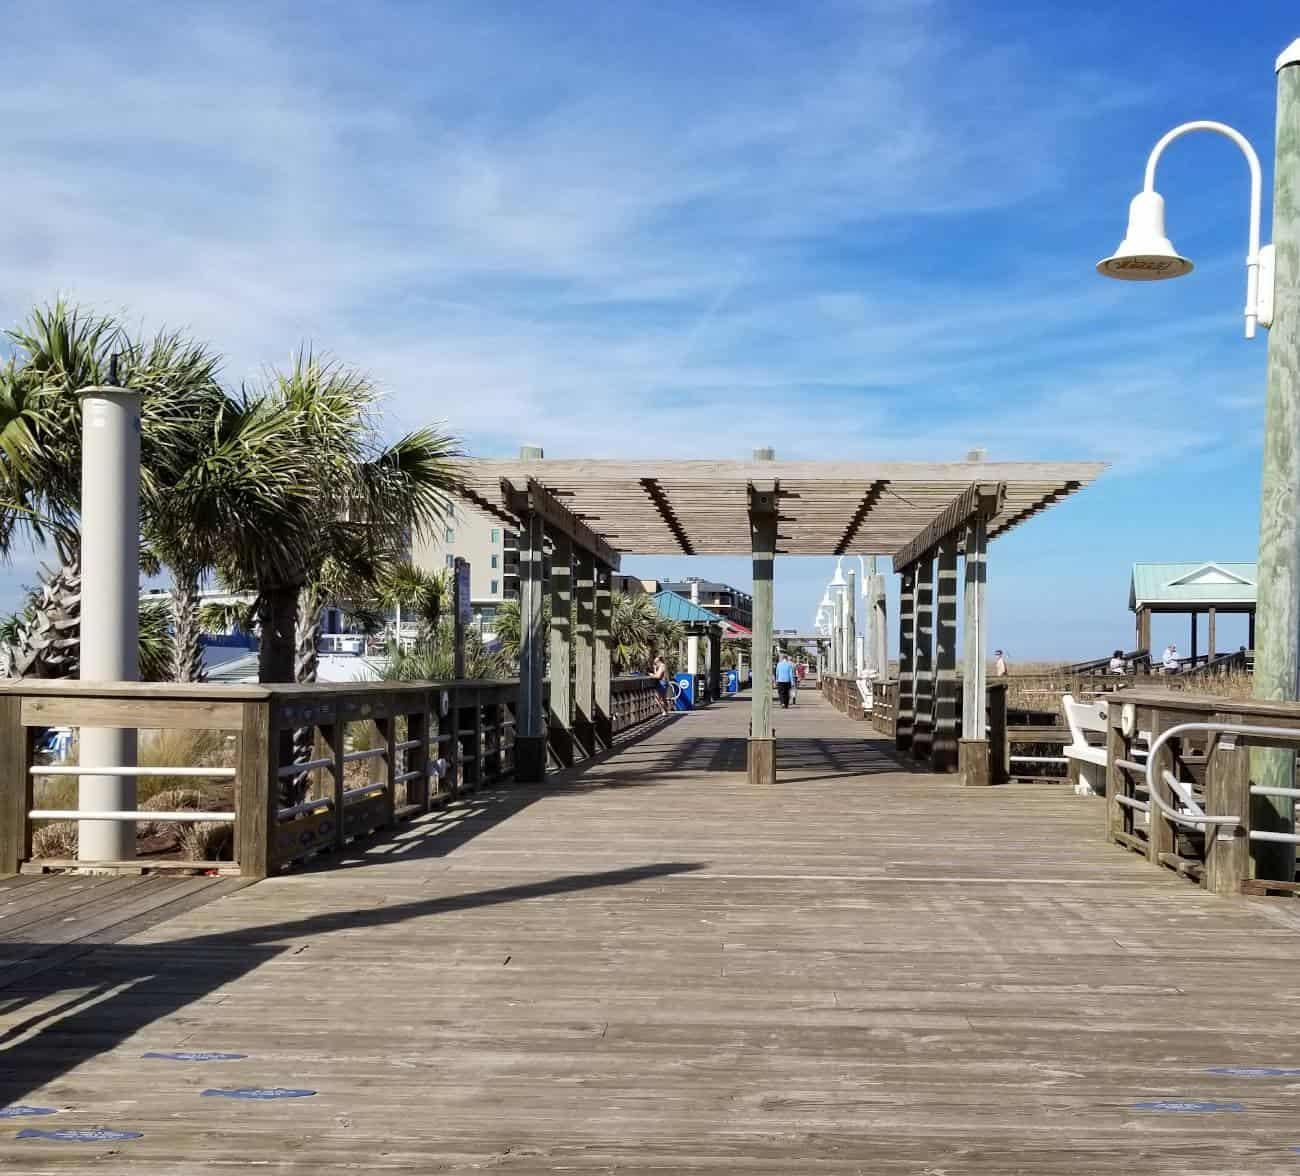 carolina-beach-boardwalk-walk